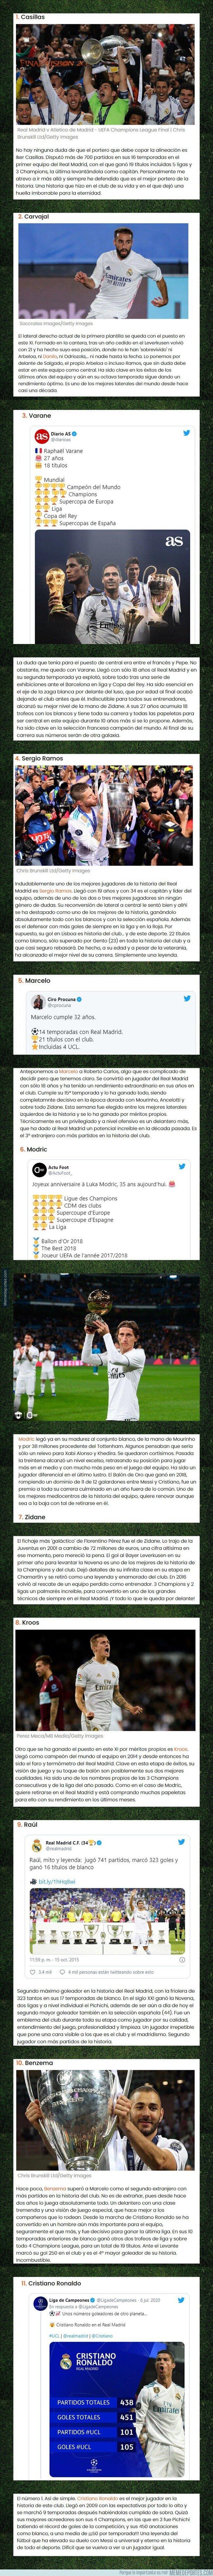 1117565 - Este es el mejor equipo e ideal del Real Madrid en el siglo XXI